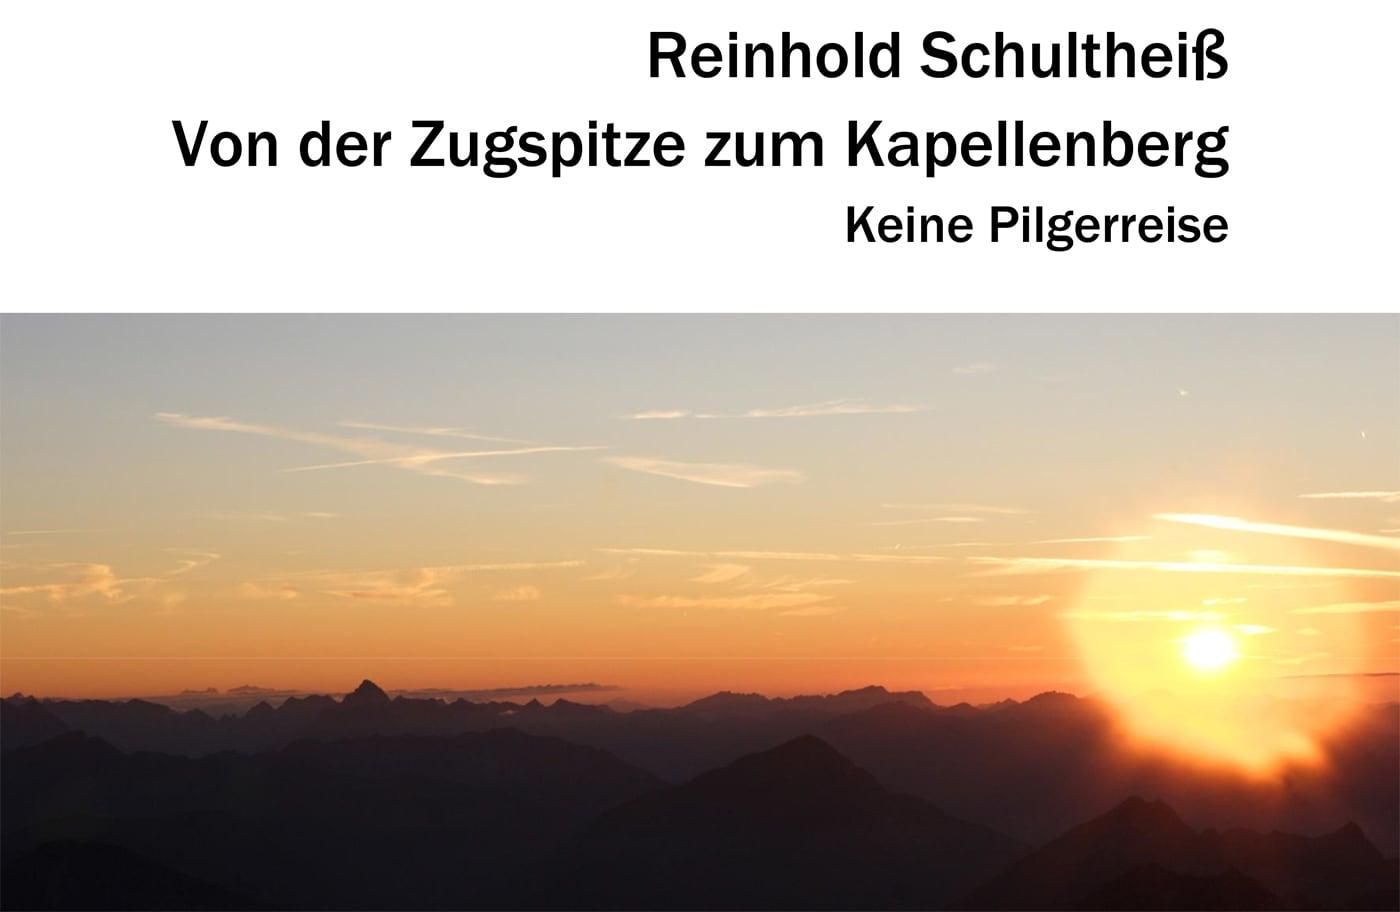 Von-der-Zugspitze-zum-Kapellenberg